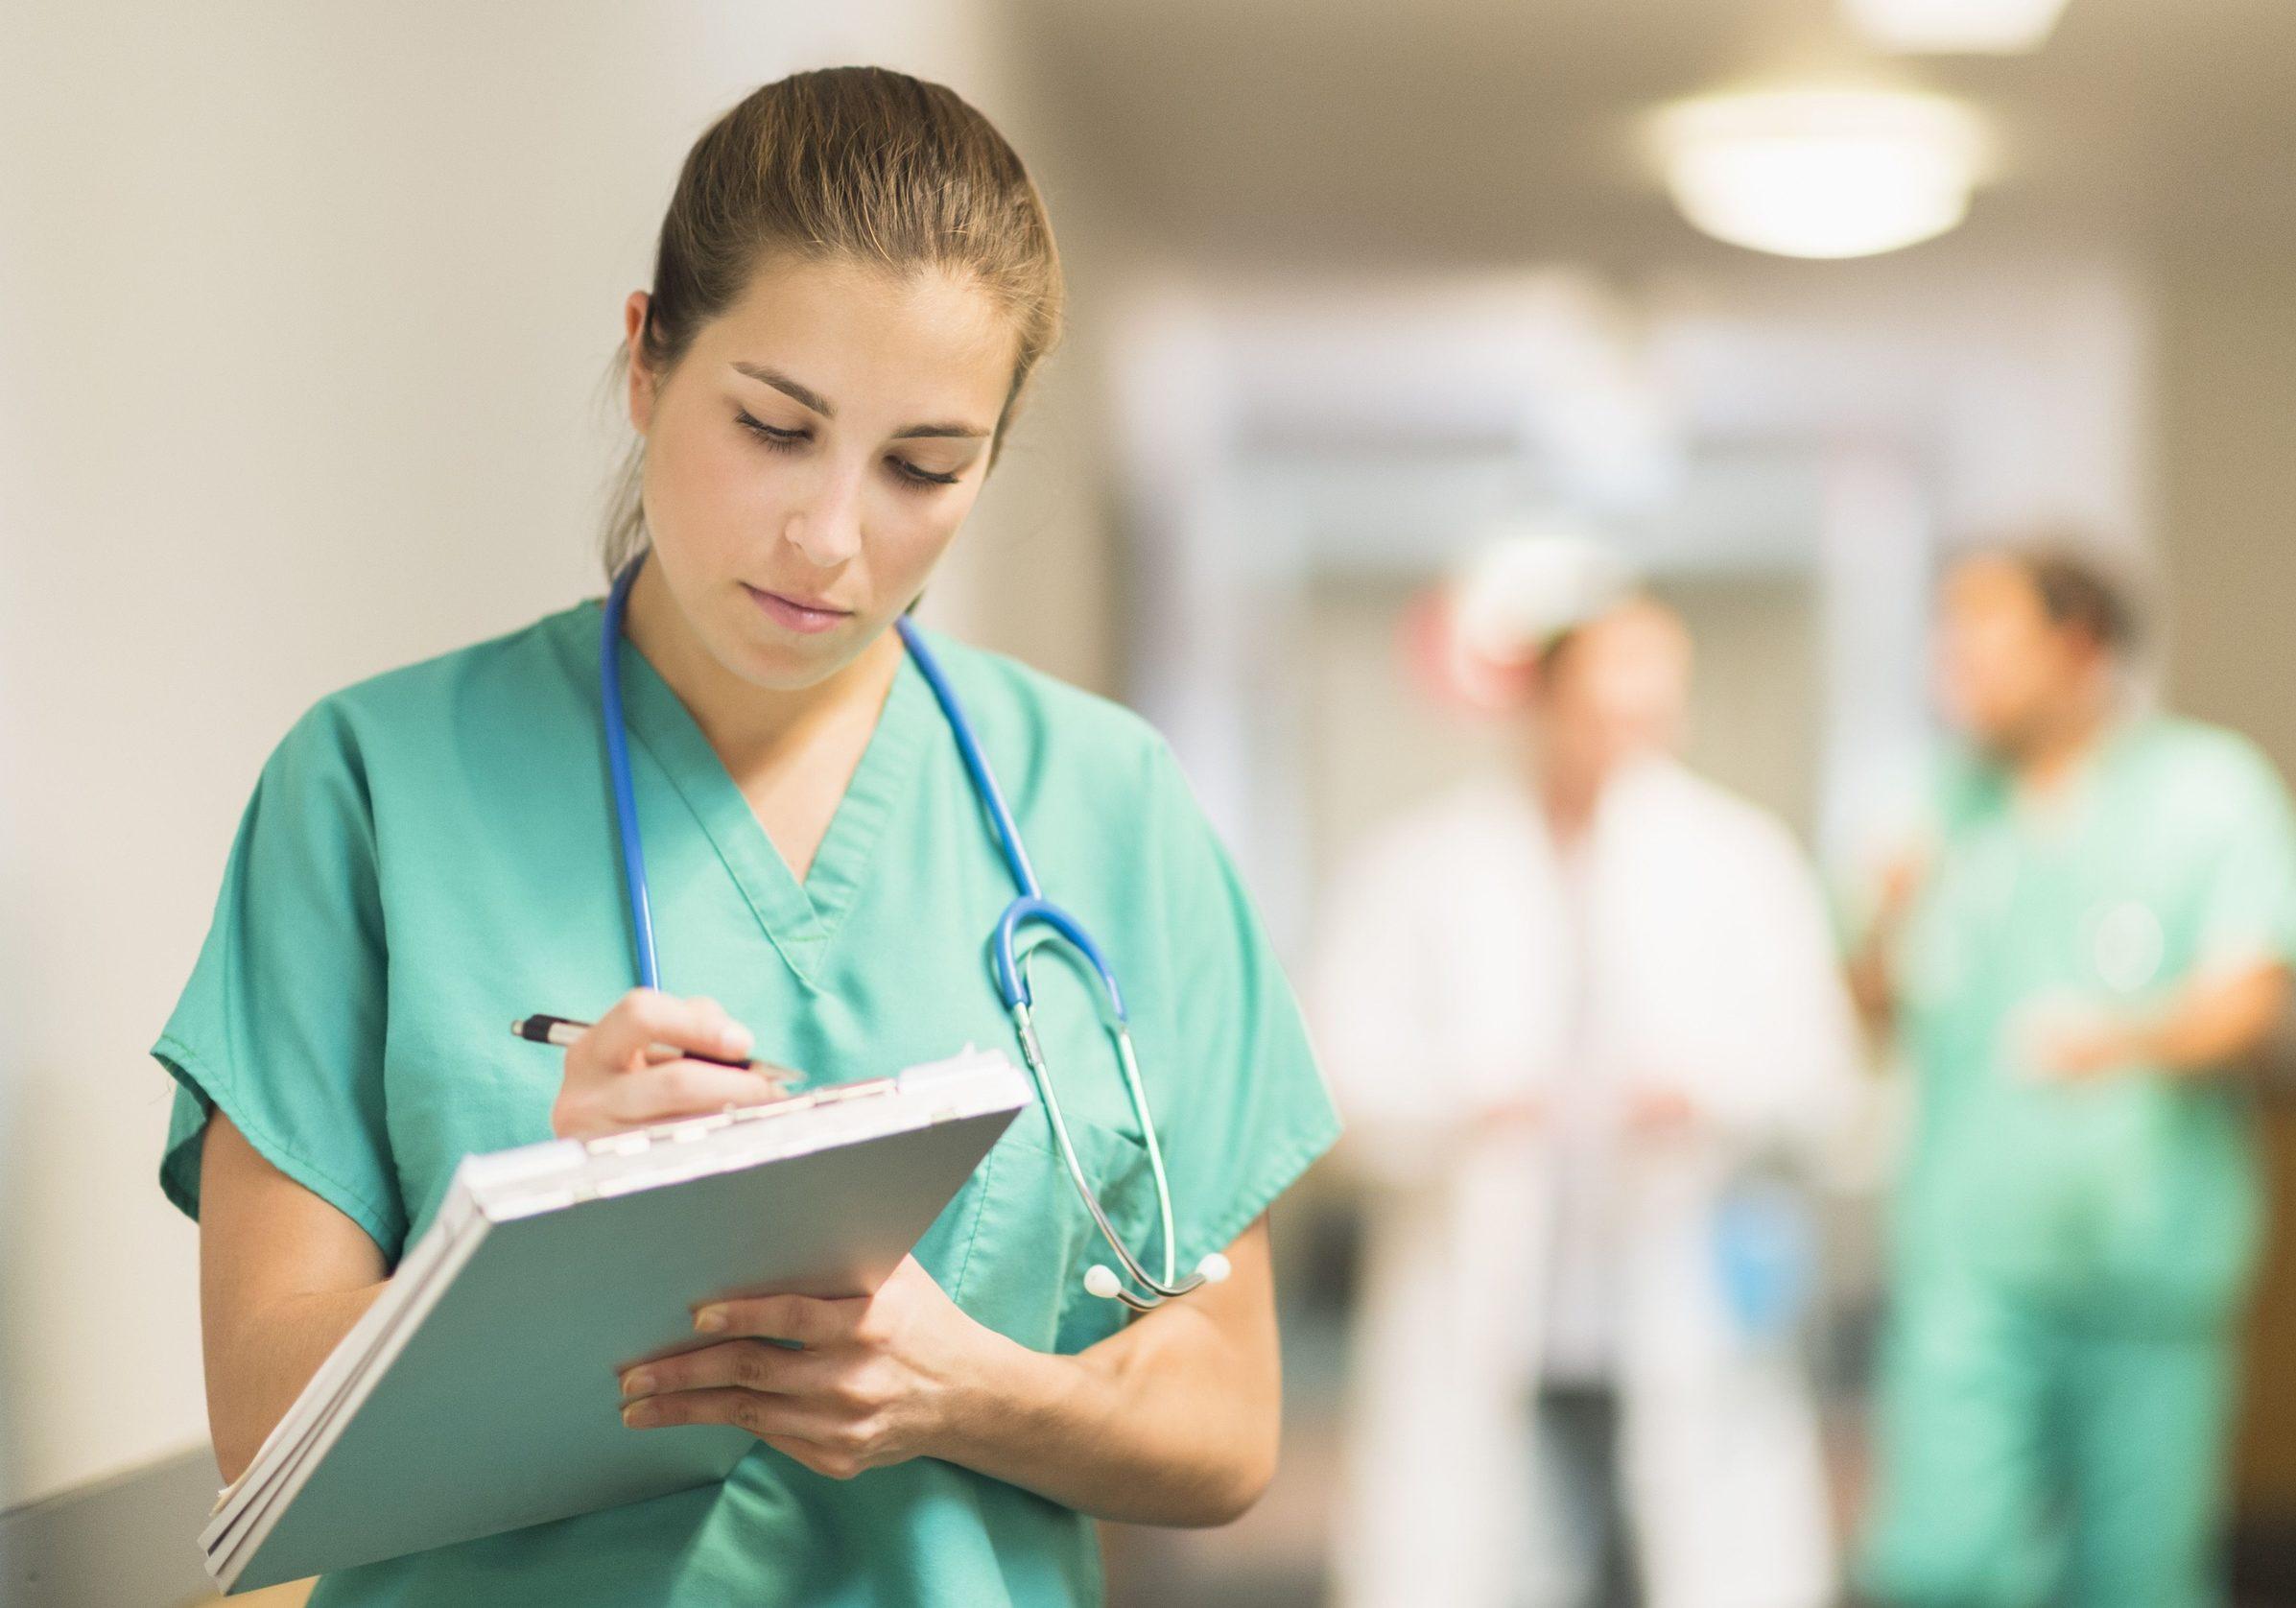 В Ржеве с медиками заключают договоры о долговременном сотрудничестве